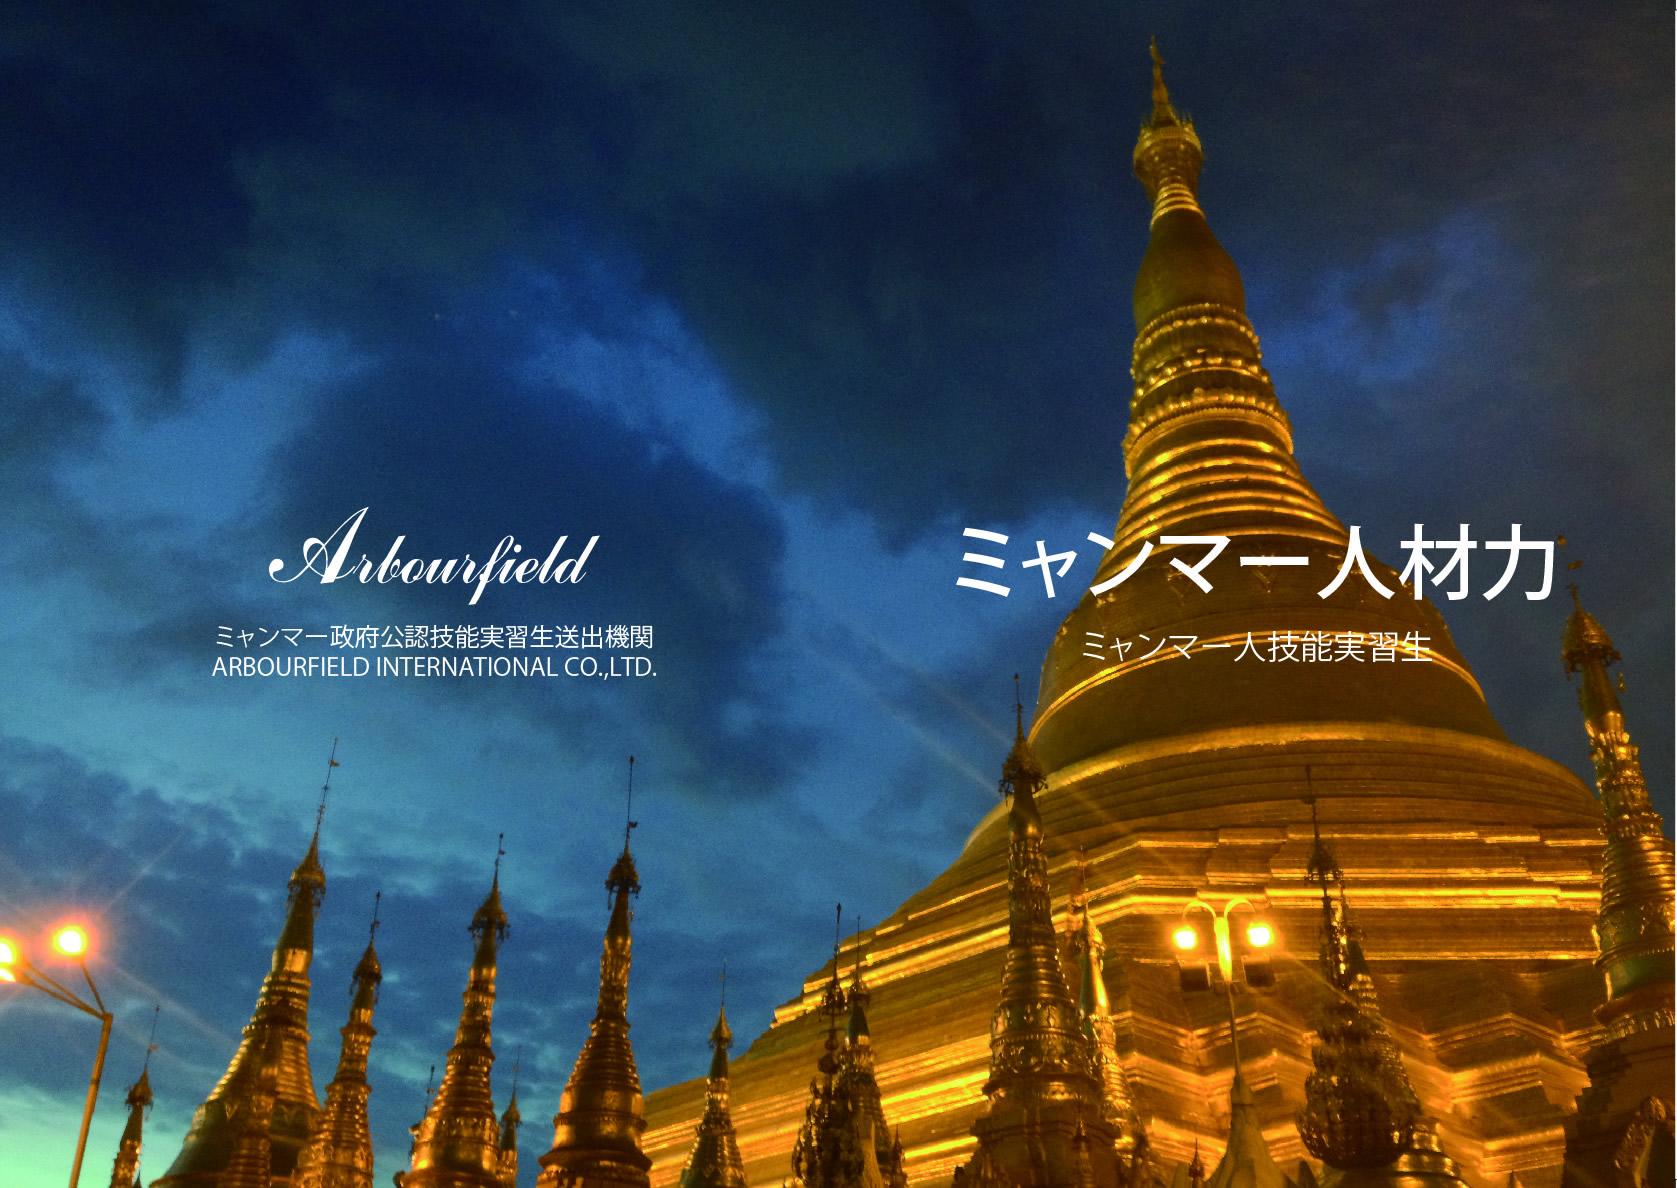 ミャンマー人技能実習生1P-P8表紙裏表紙 [ABF]